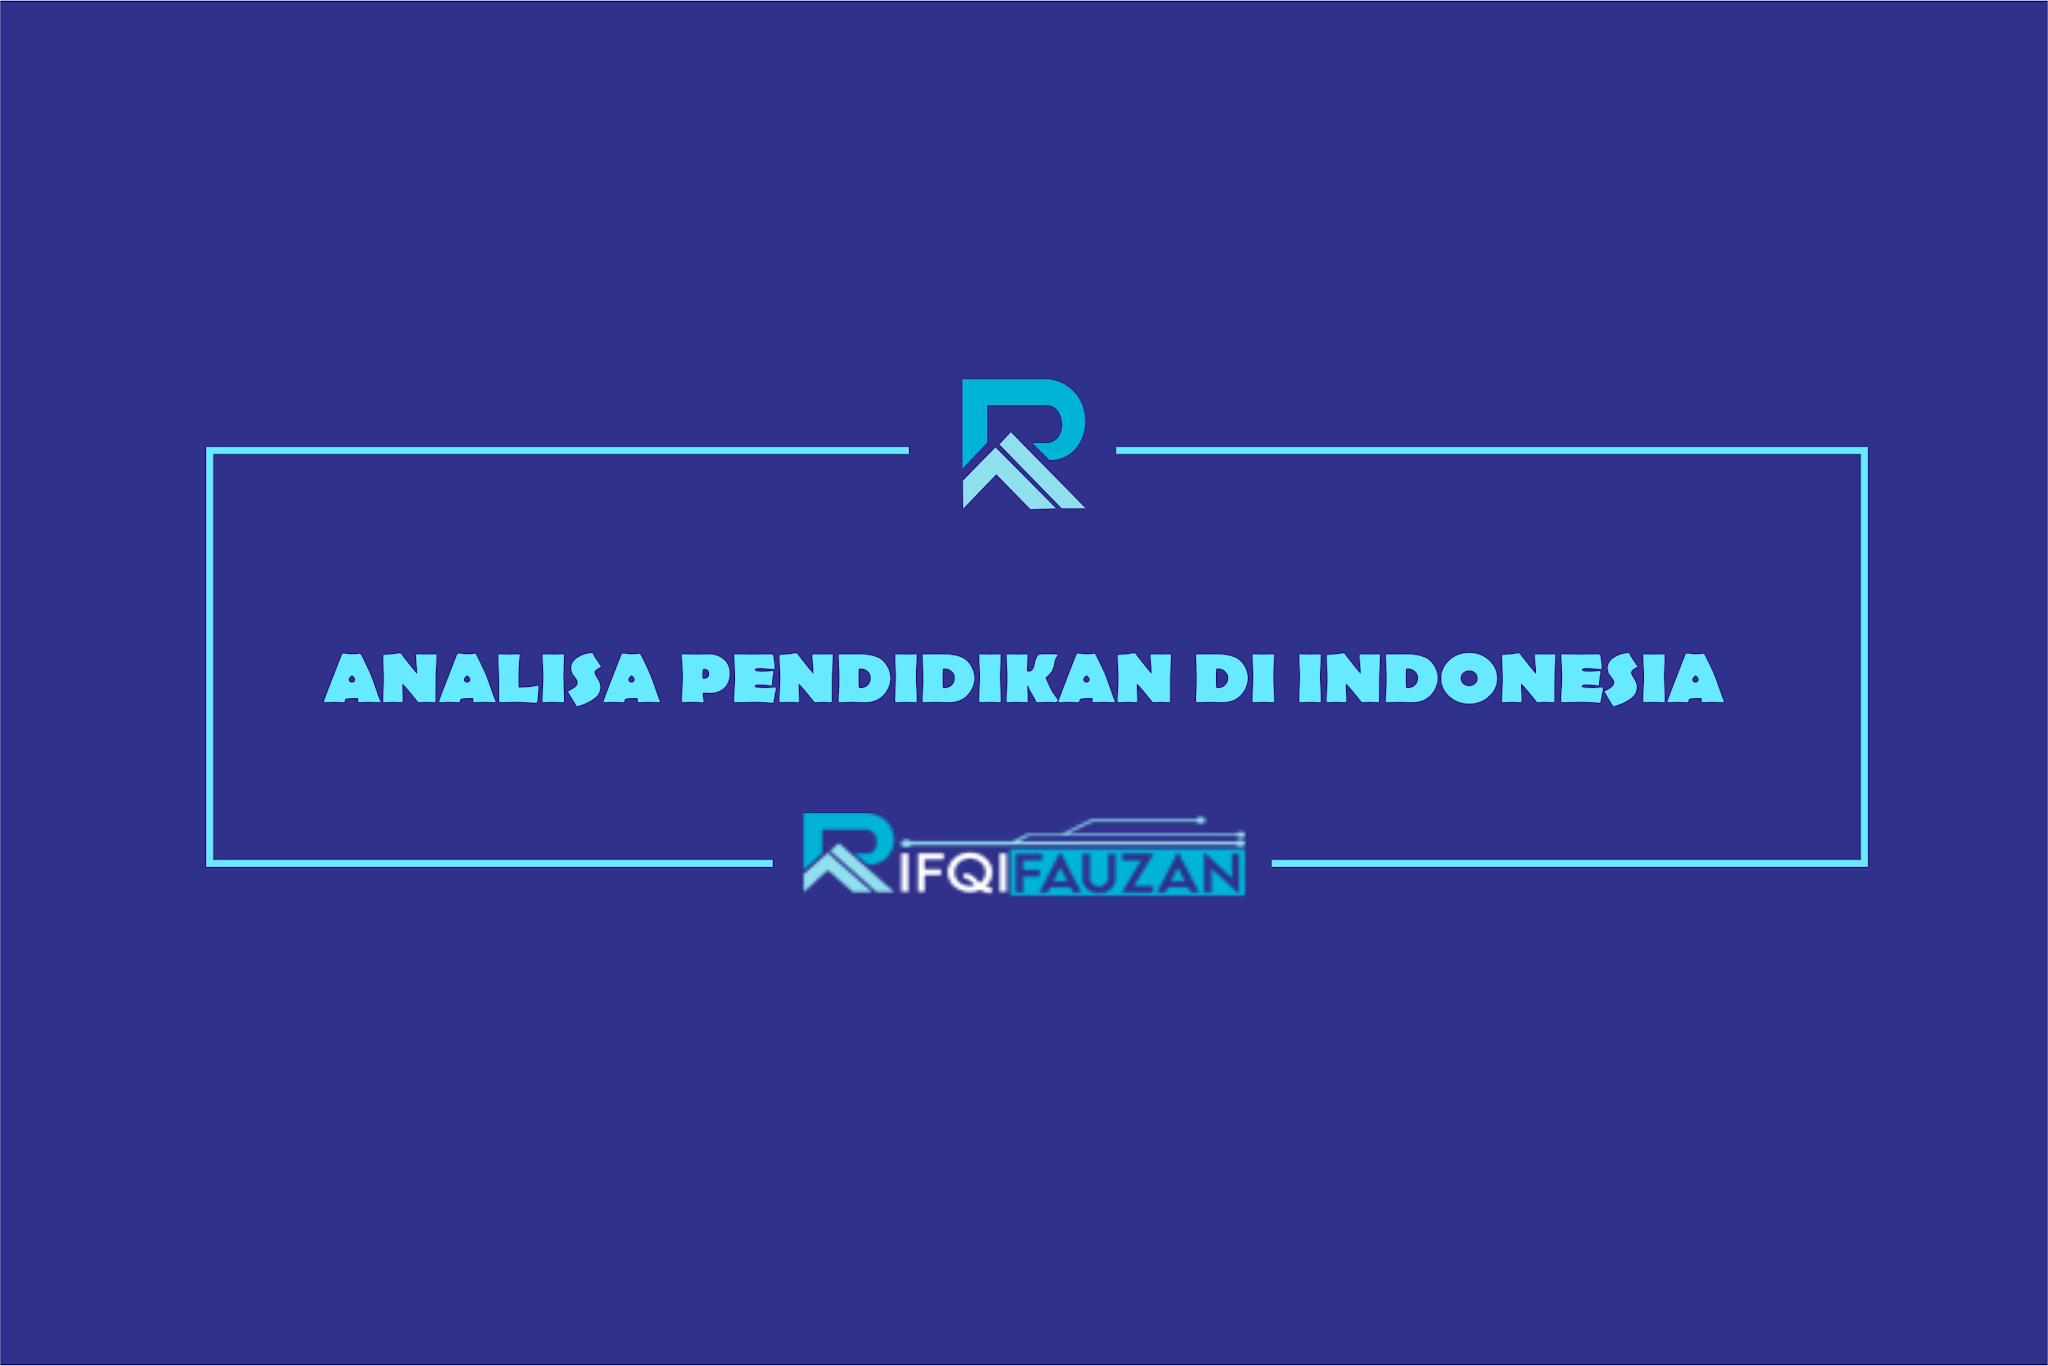 LOWY INSTITUTE DAN UNESCO MENGANALISA PENDIDIKAN DI INDONESIA